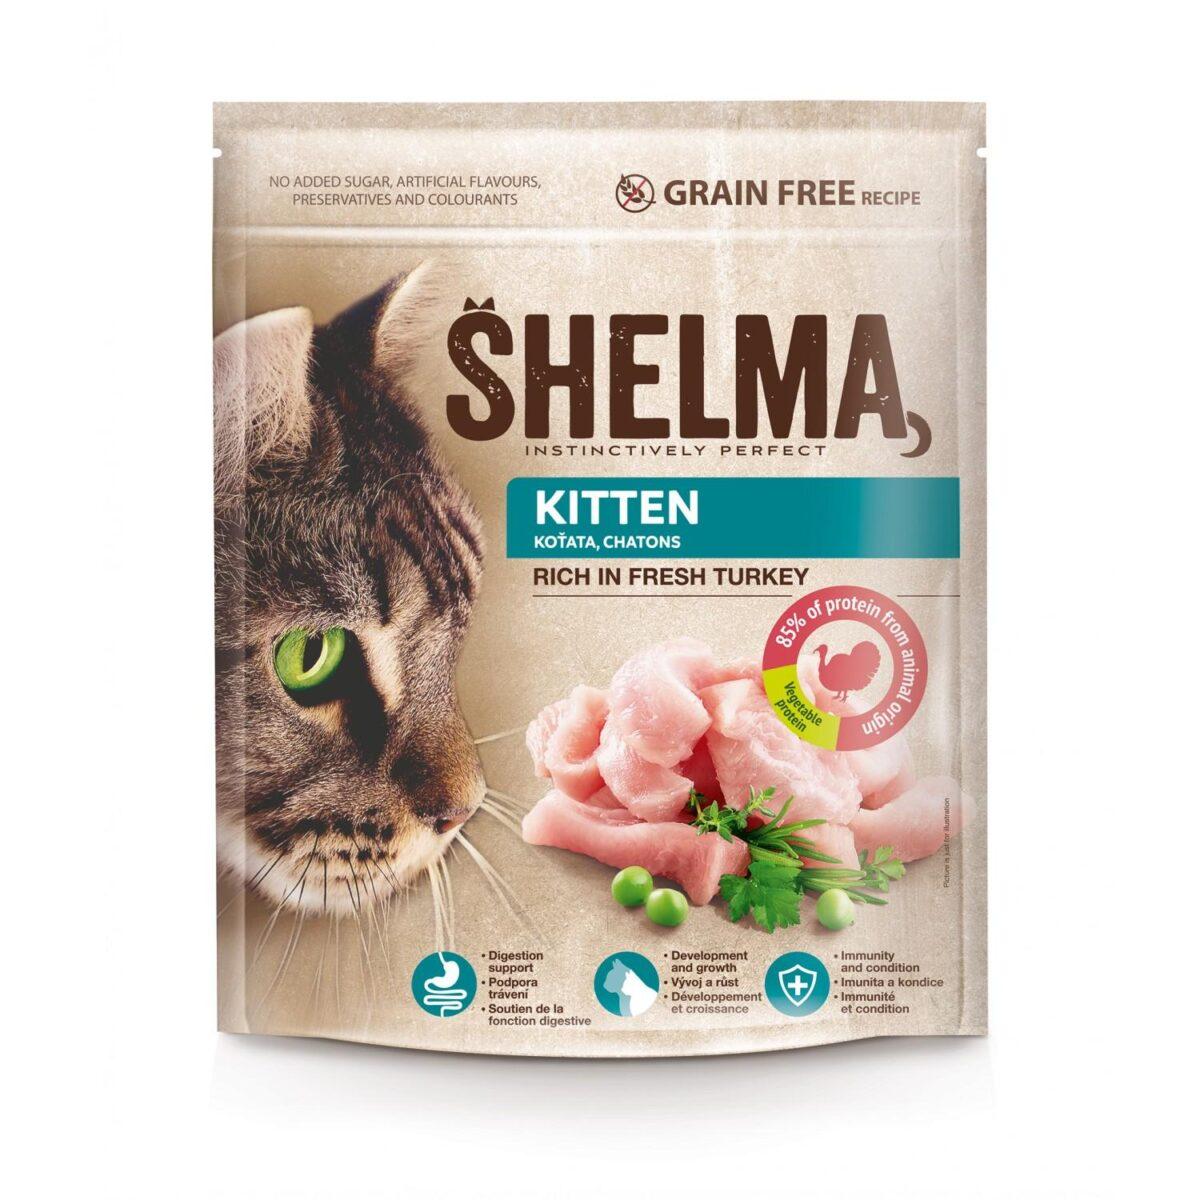 Šhelma teraviljavaba täissööt värske kalkunilihaga kassipoegadele 750g